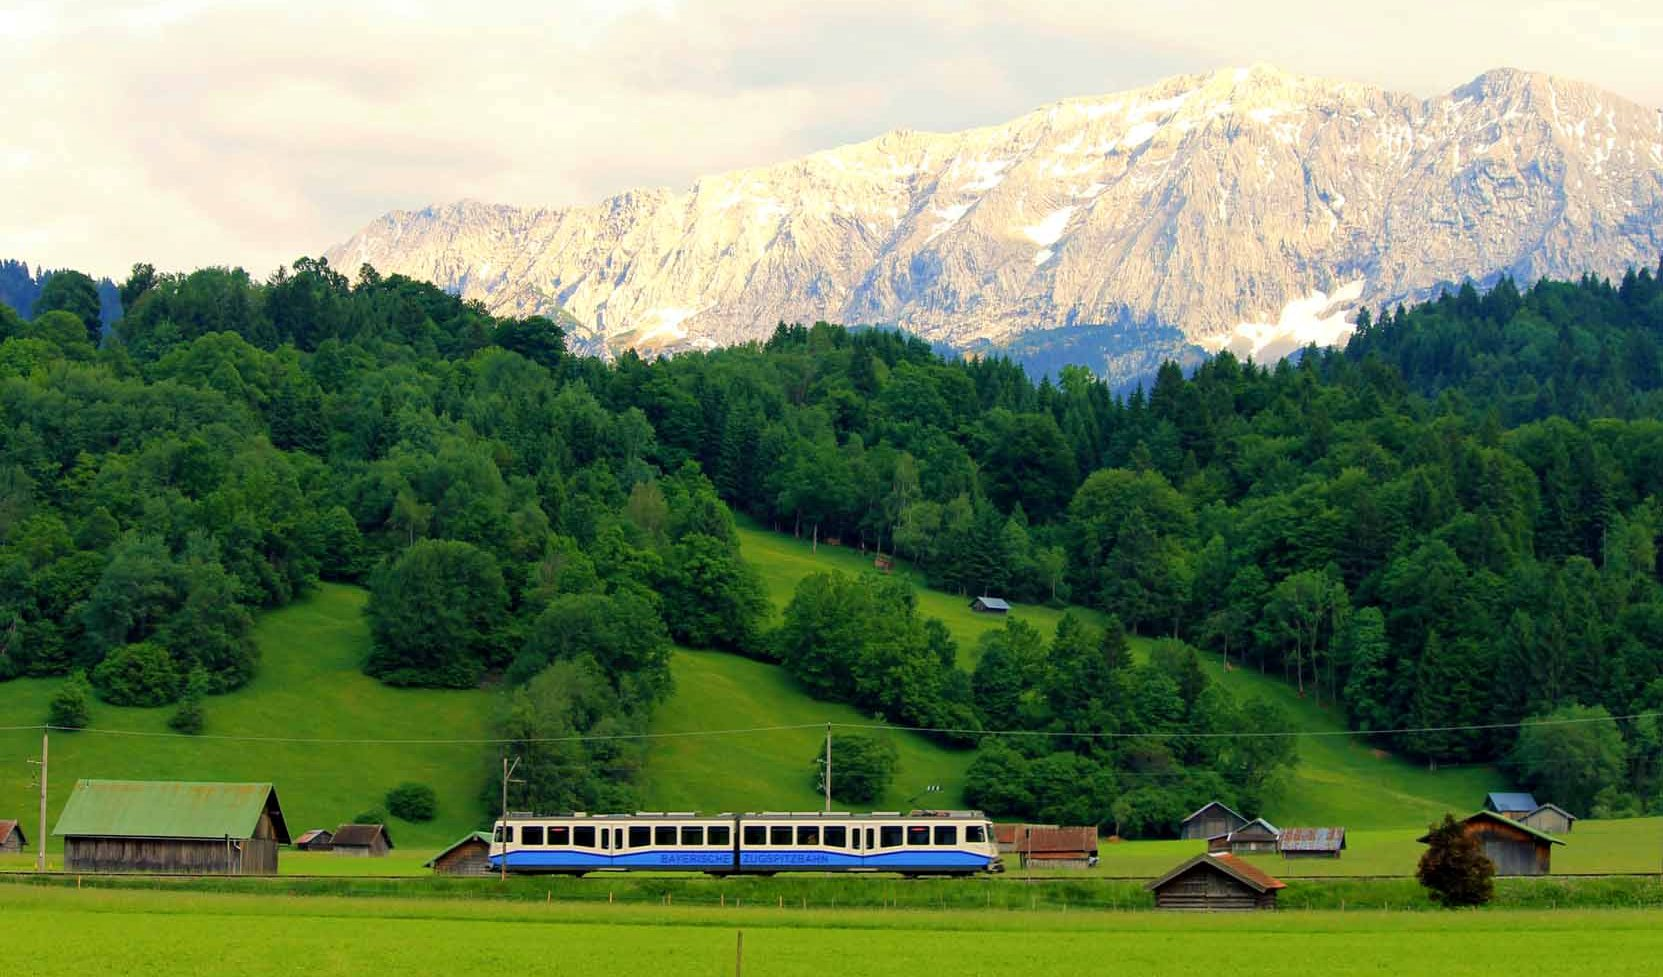 Bayerische Zugspitzbahn bei Garmisch-Partenkirchen